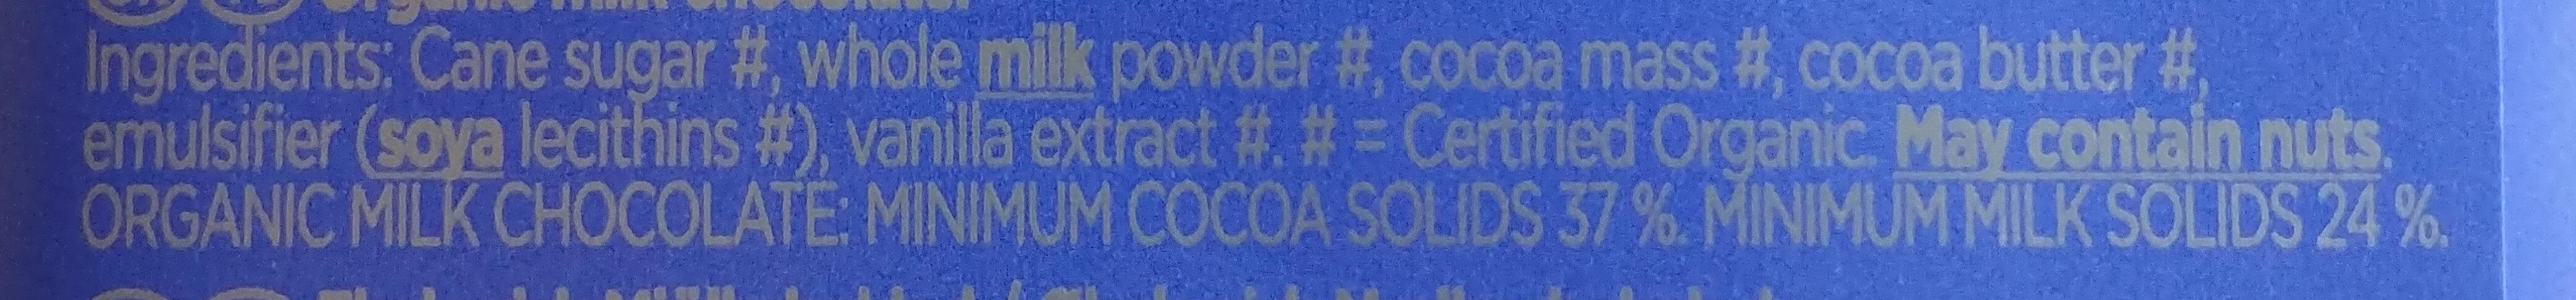 Organic Milk Chocolate - Ingrédients - en